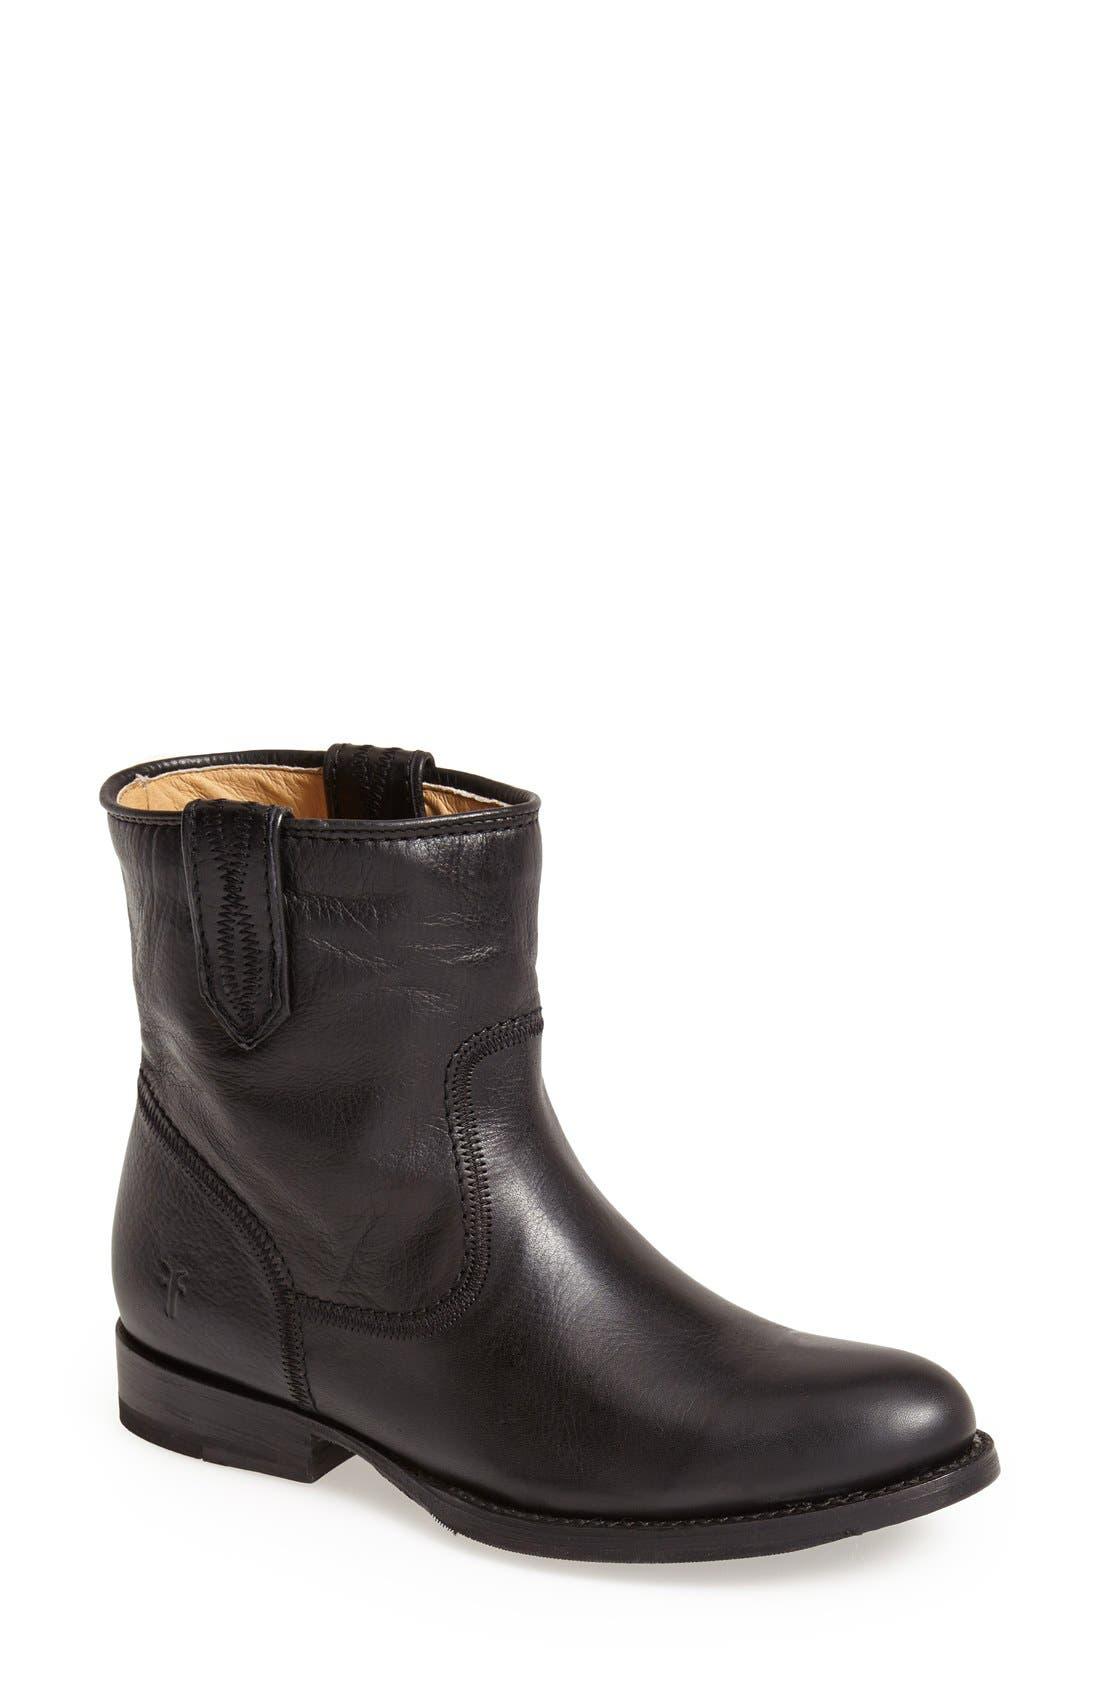 Main Image - Frye 'Jamie' Short Boot (Women)